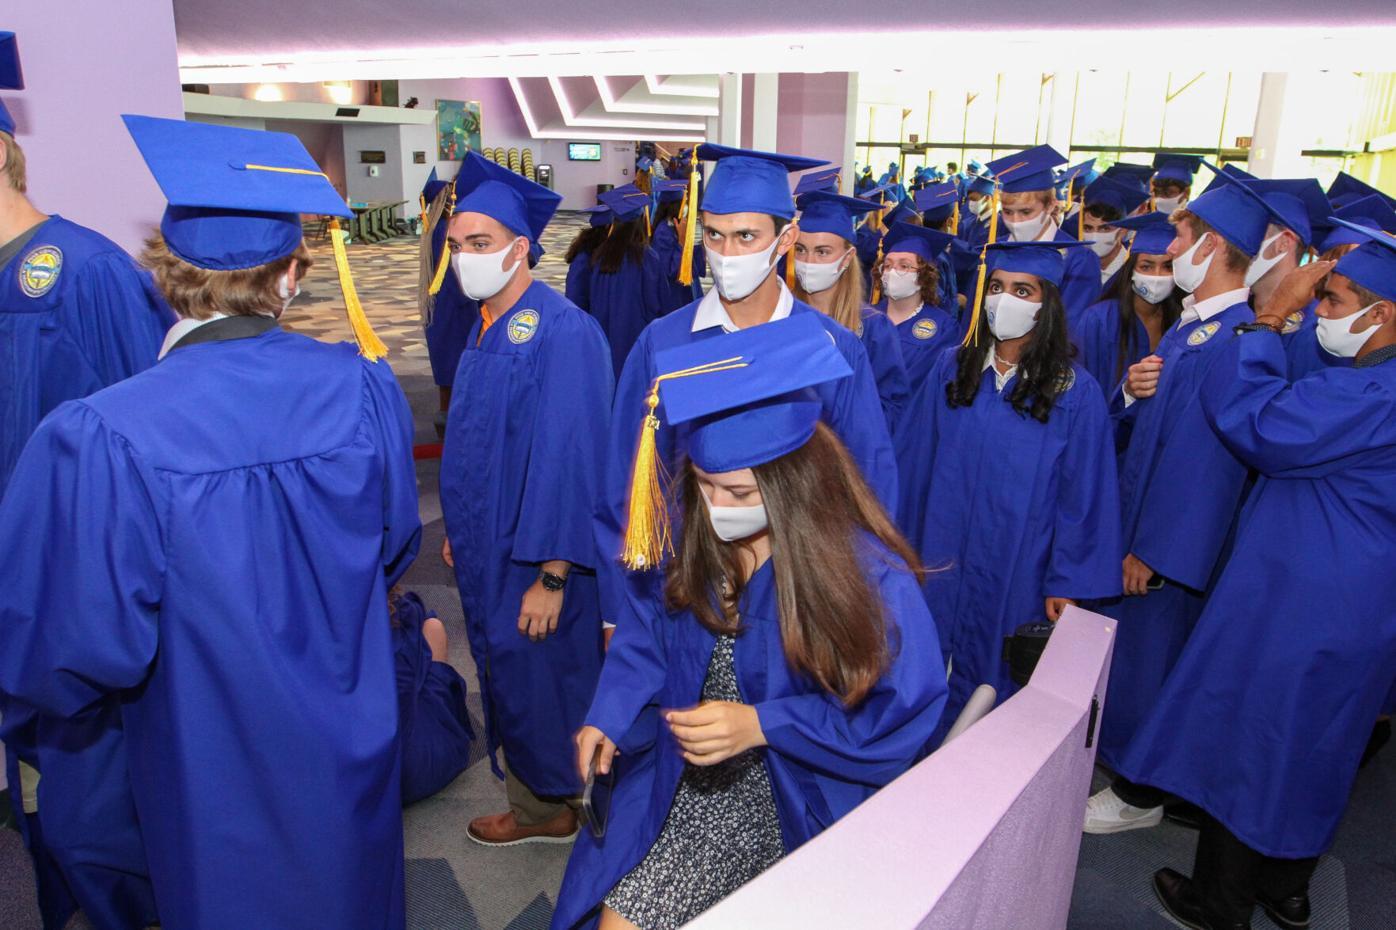 Pine View graduation 2021